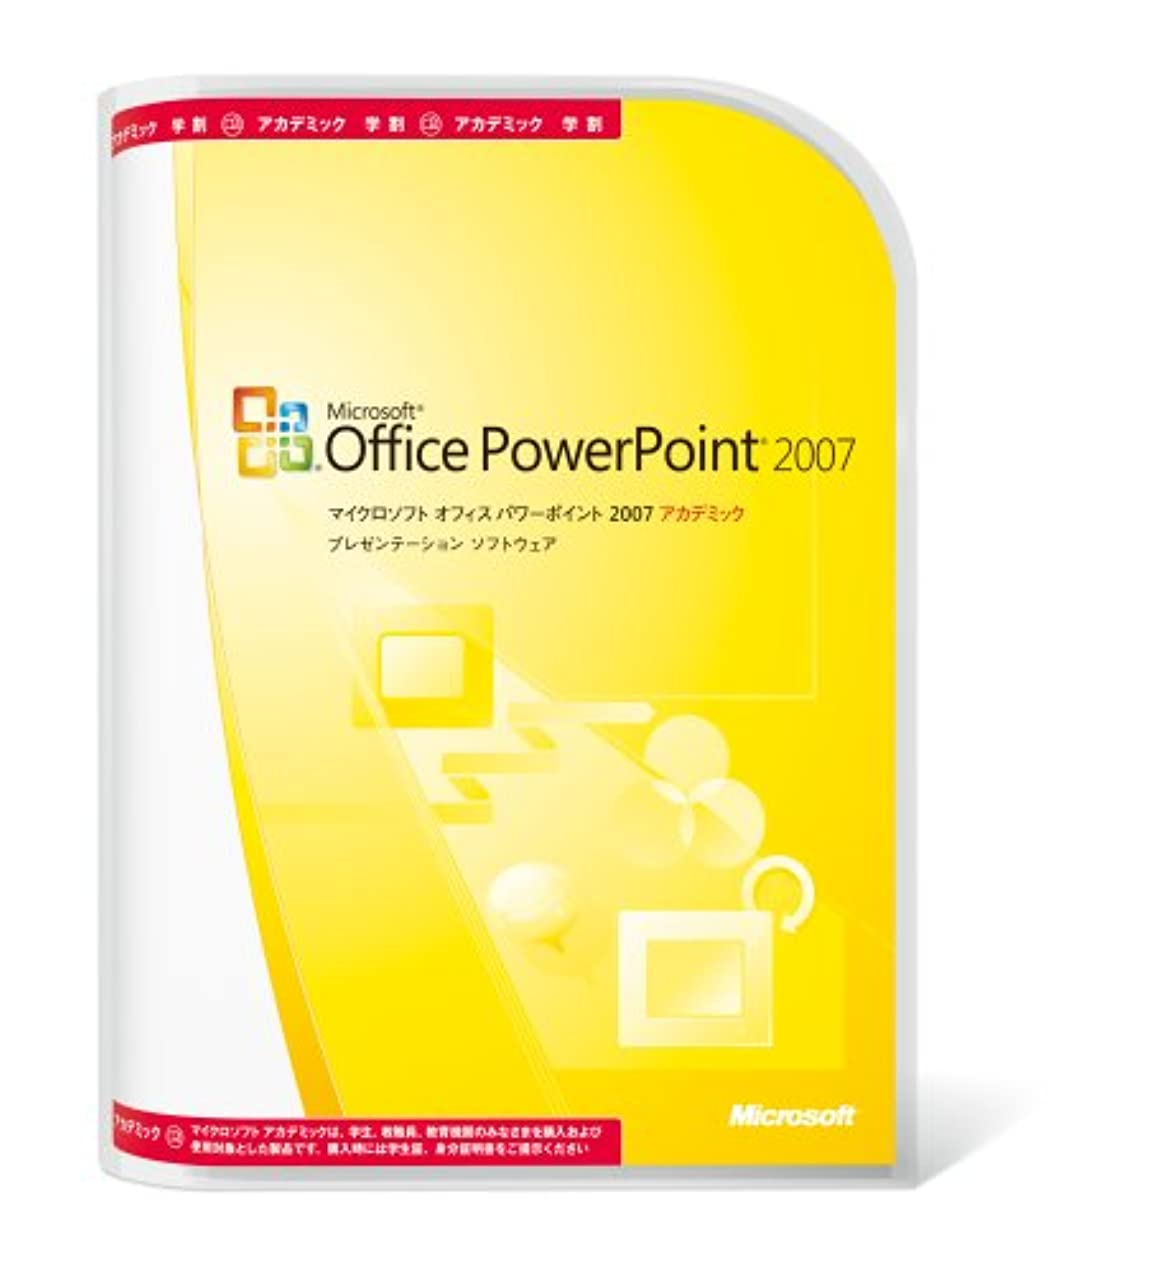 【旧商品/メーカー出荷終了/サポート終了】Microsoft Office PowerPoint 2007 アカデミック